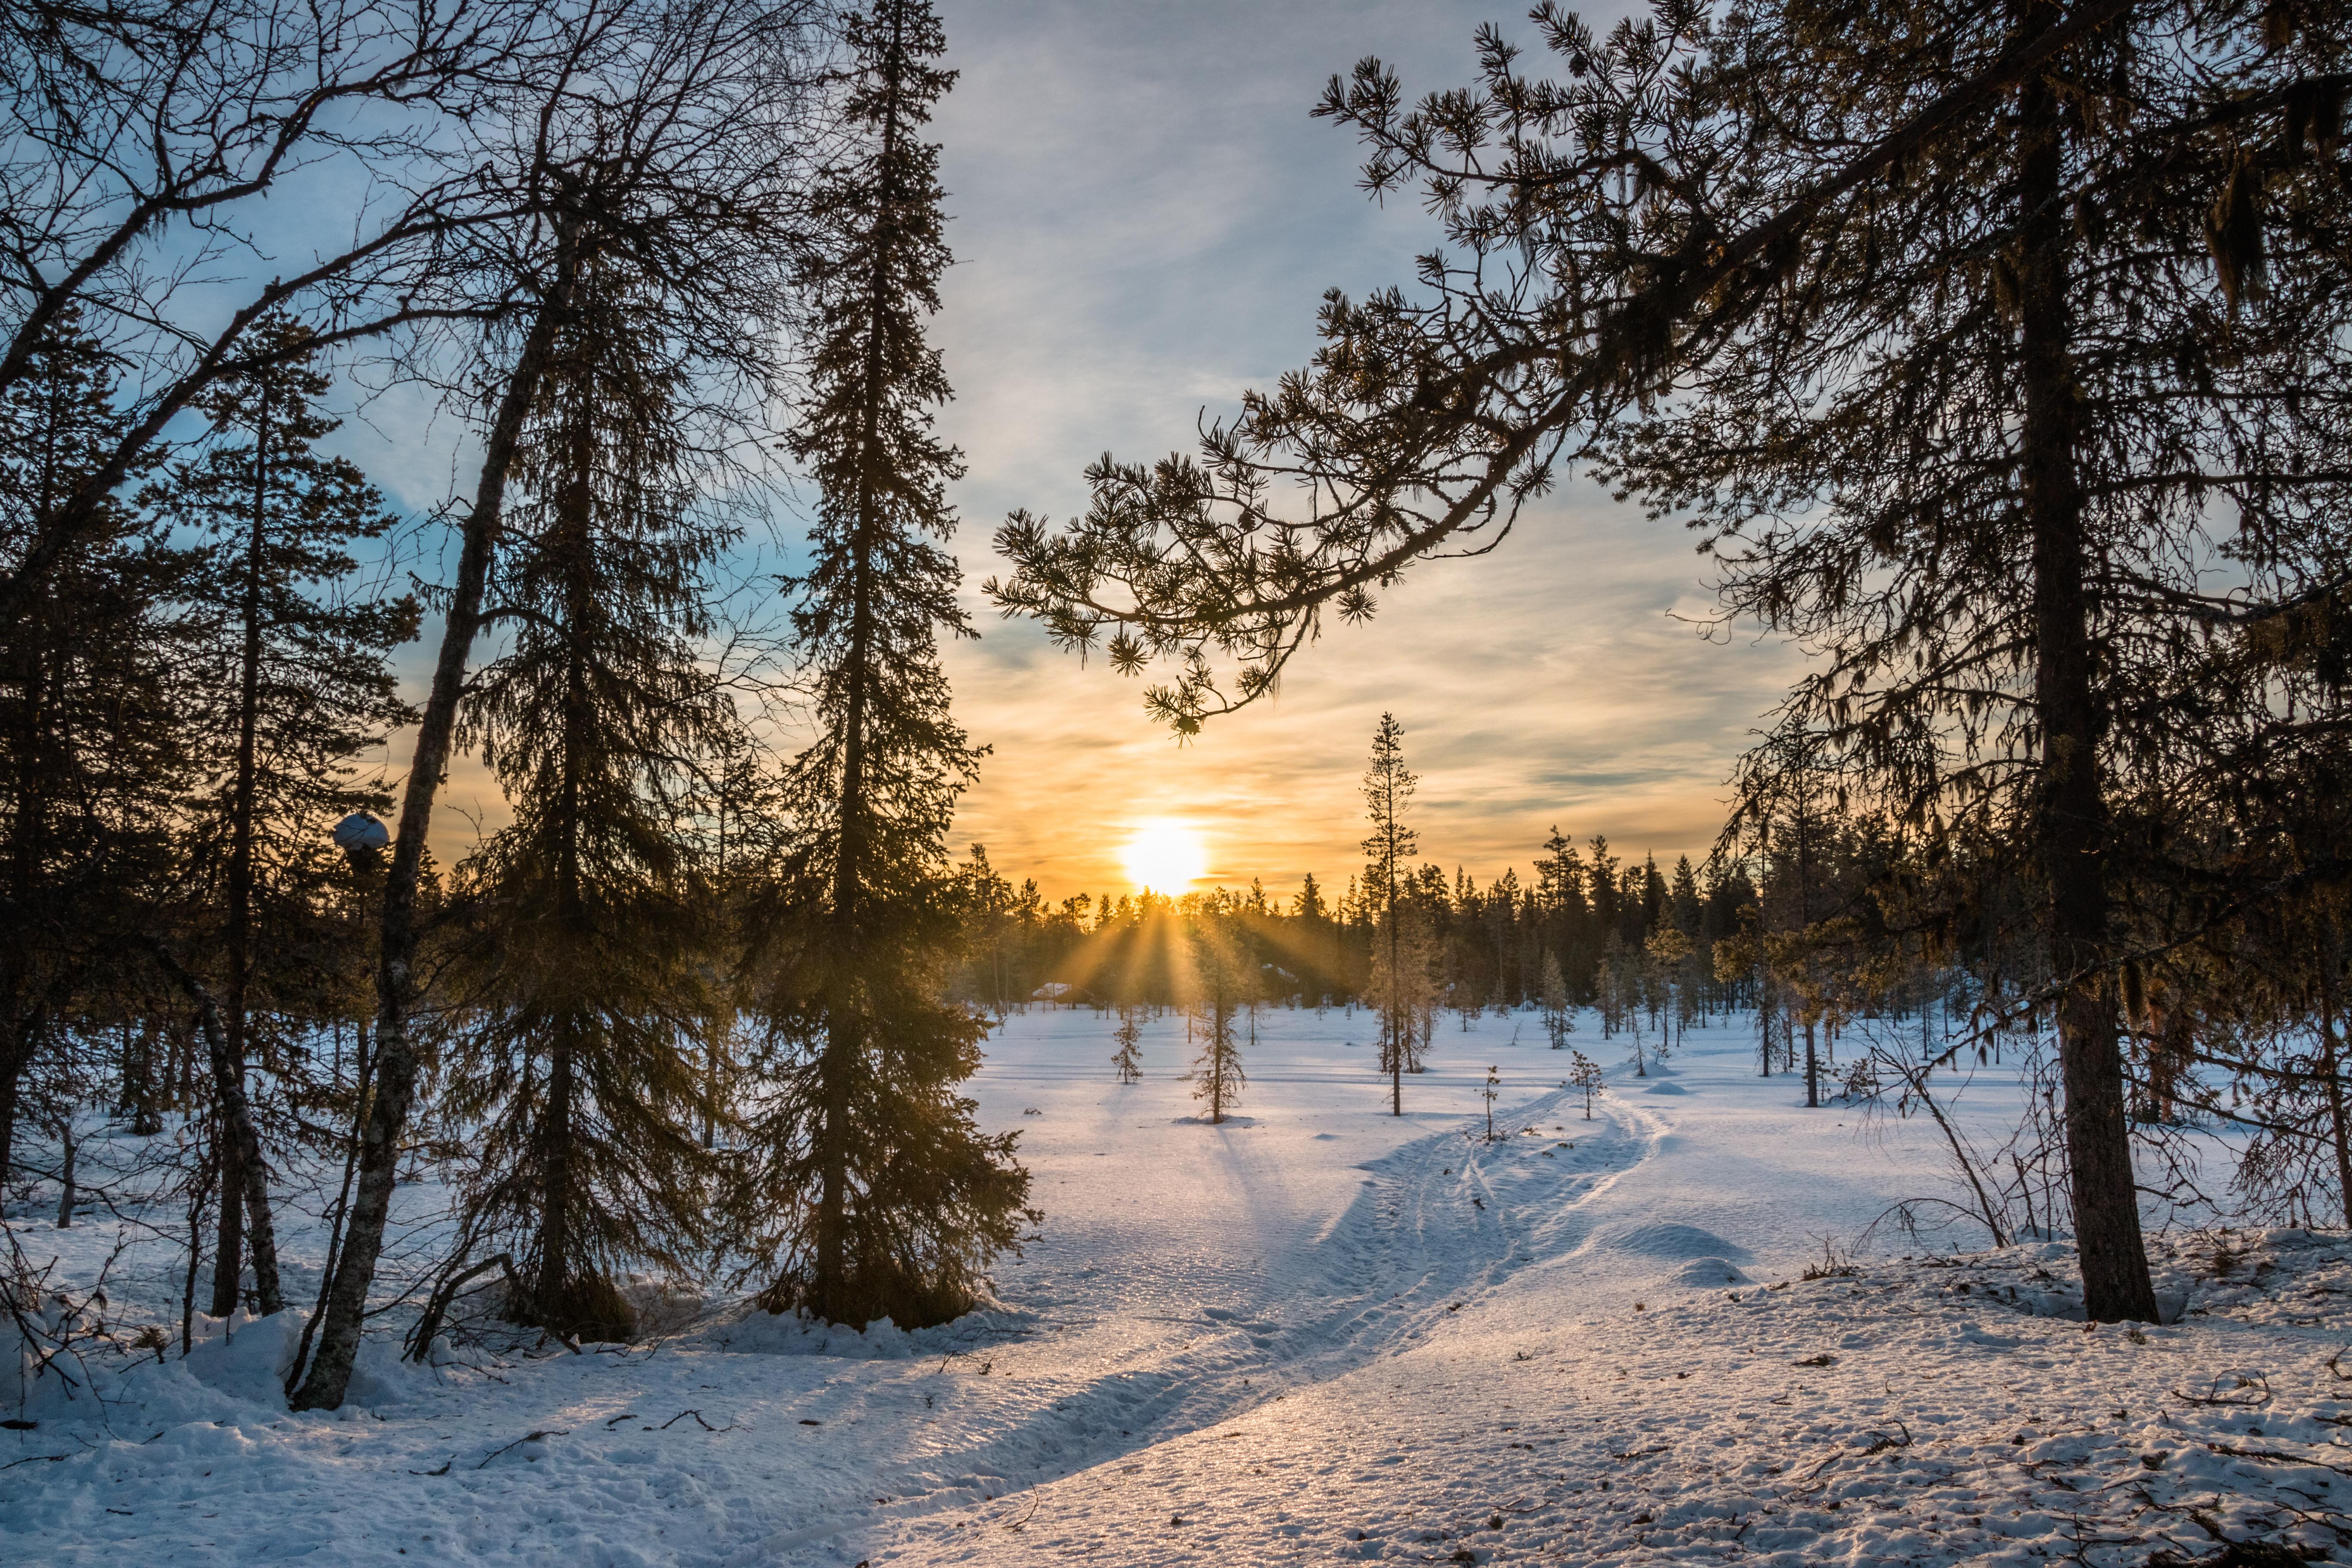 обои Лапландия Финляндия, Восход, зима, снег картинки фото